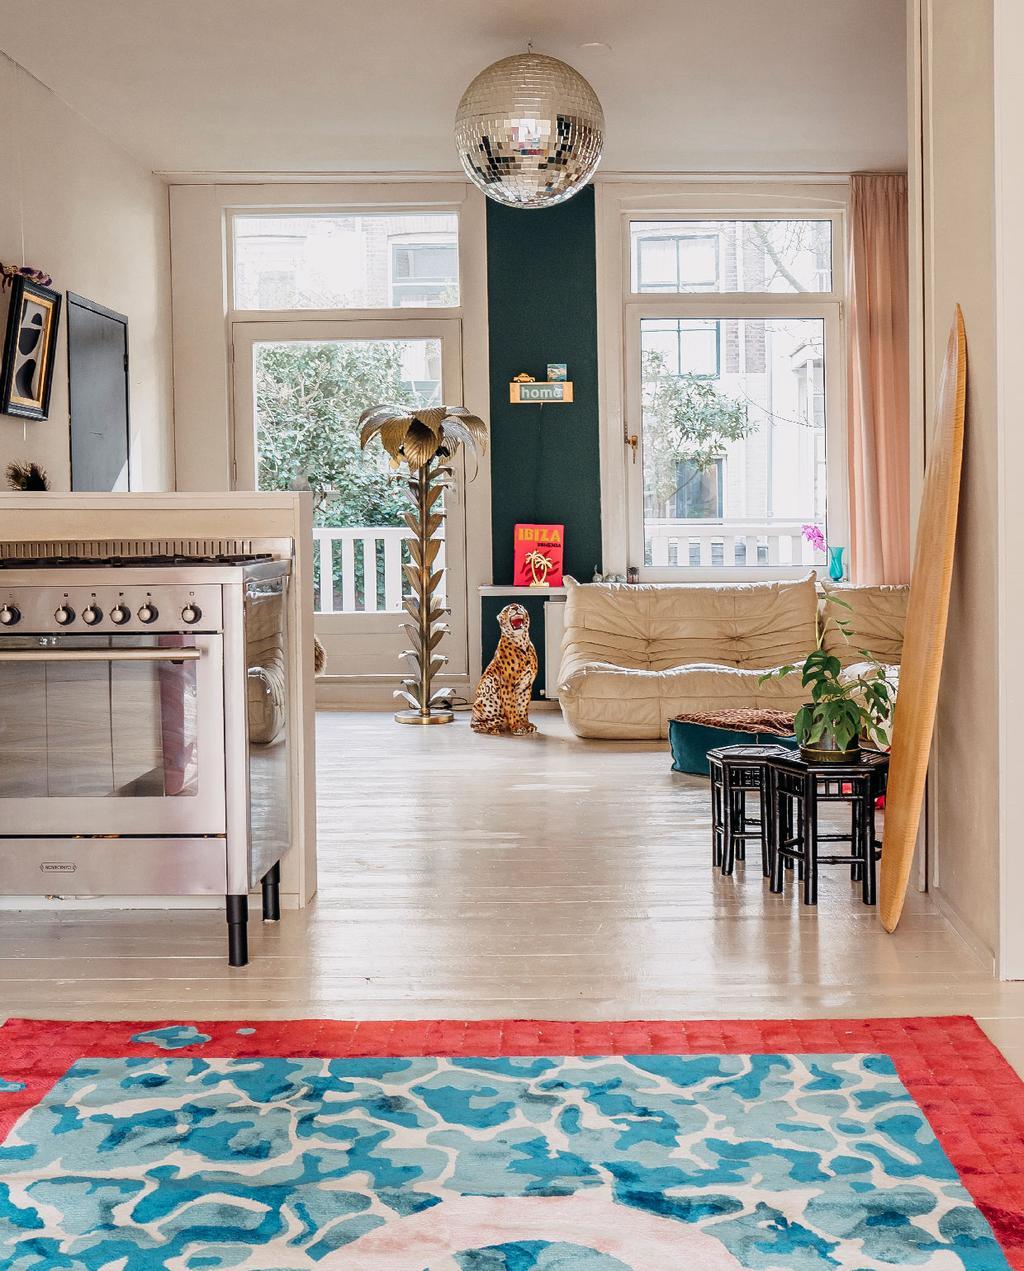 vtwonen 11-2020 | binnenkijken amsterdam open leefkeuken vloerkleed met blauw dessin, discobal aan het plafond, donkergroene muur en togo bank wit leer